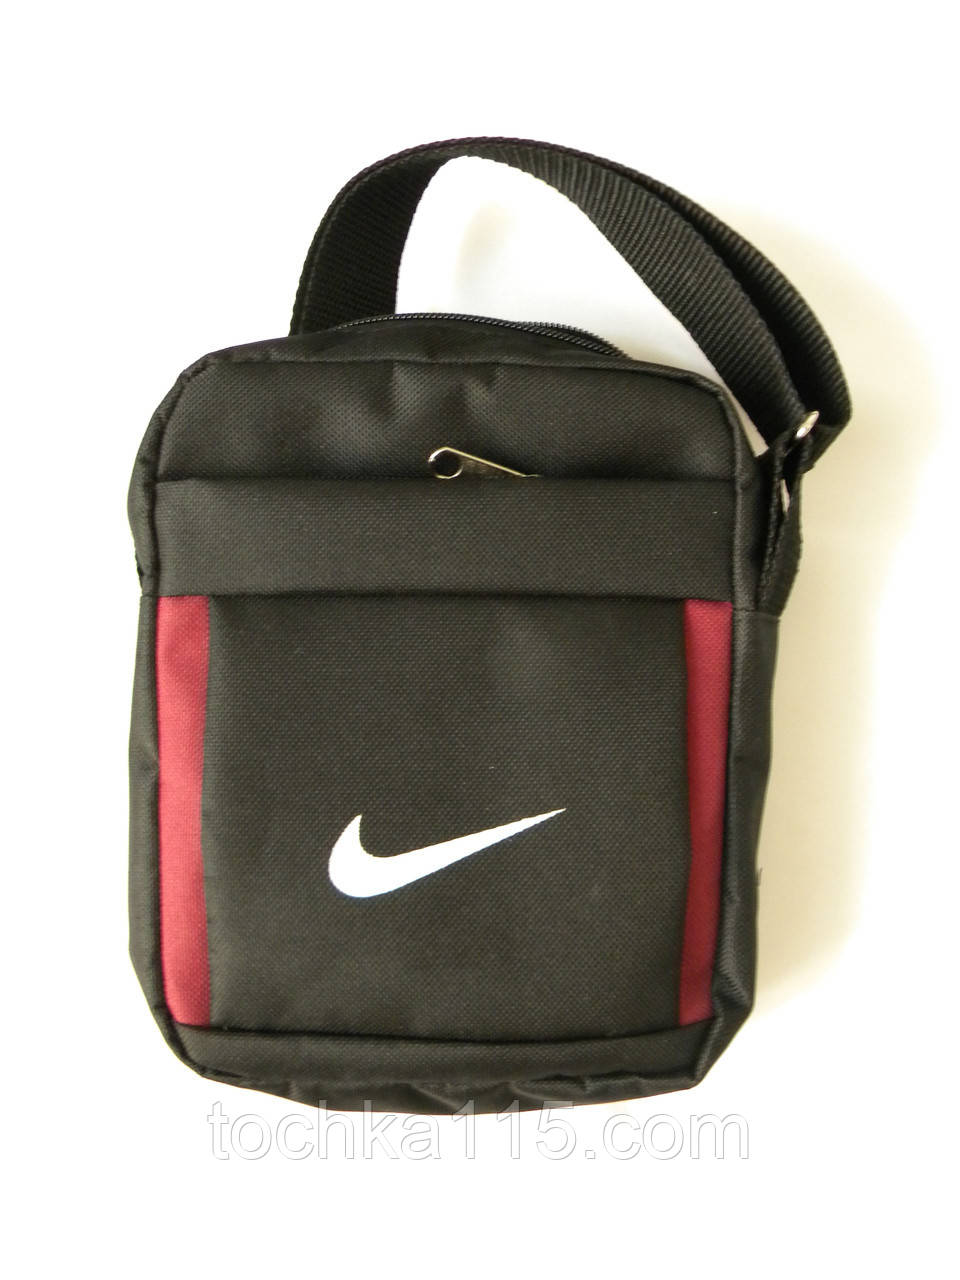 Мужская сумка через плече Nike, чоловiчi сумки Найк, молодежная сумка через плече, сумка для документов   реплика